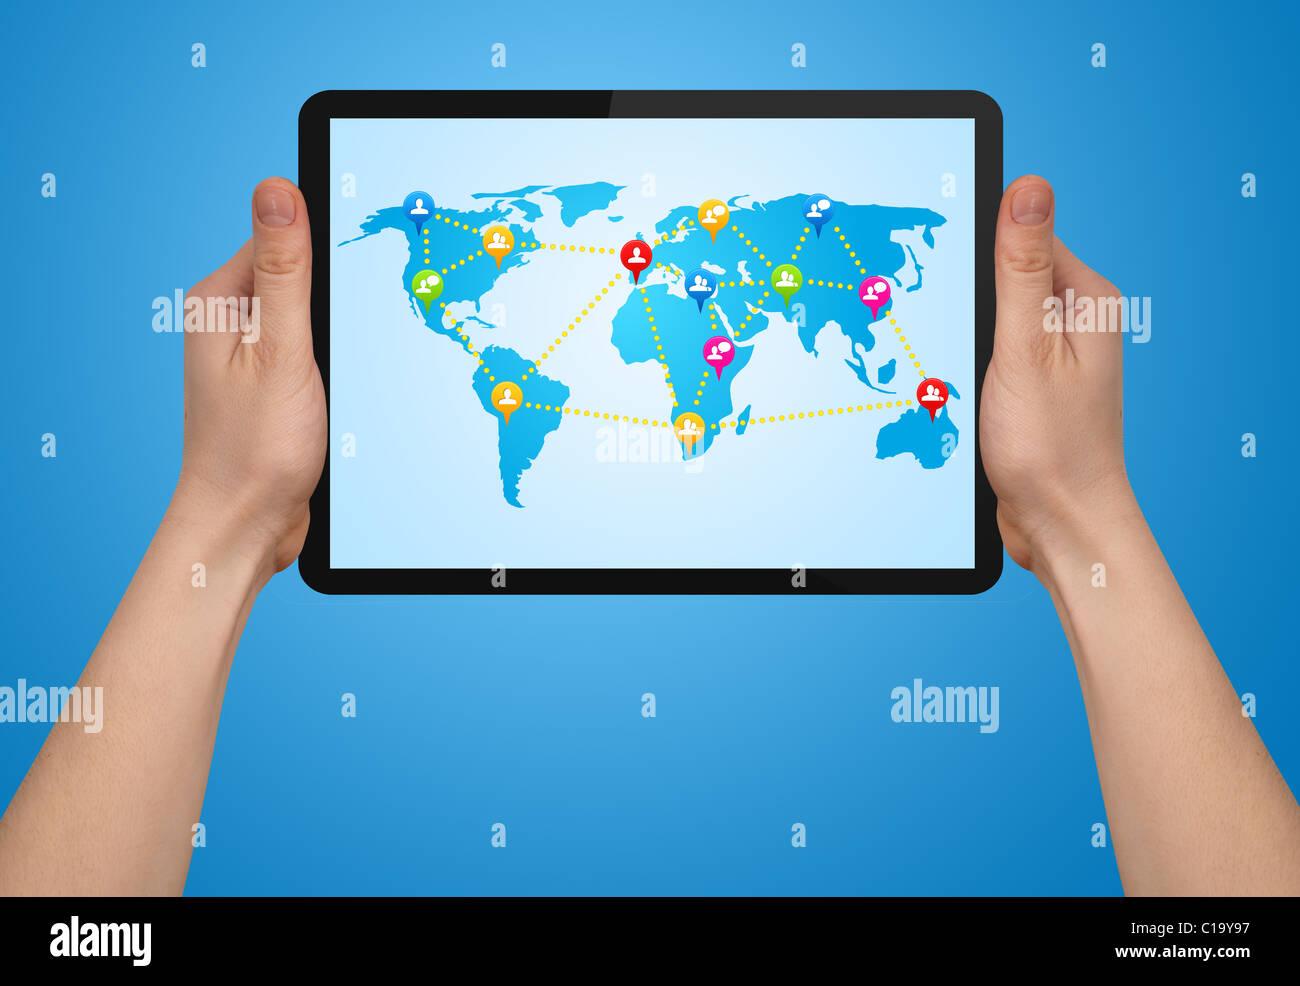 Un hombre mano sosteniendo un moderno panel táctil con mapa social Imagen De Stock